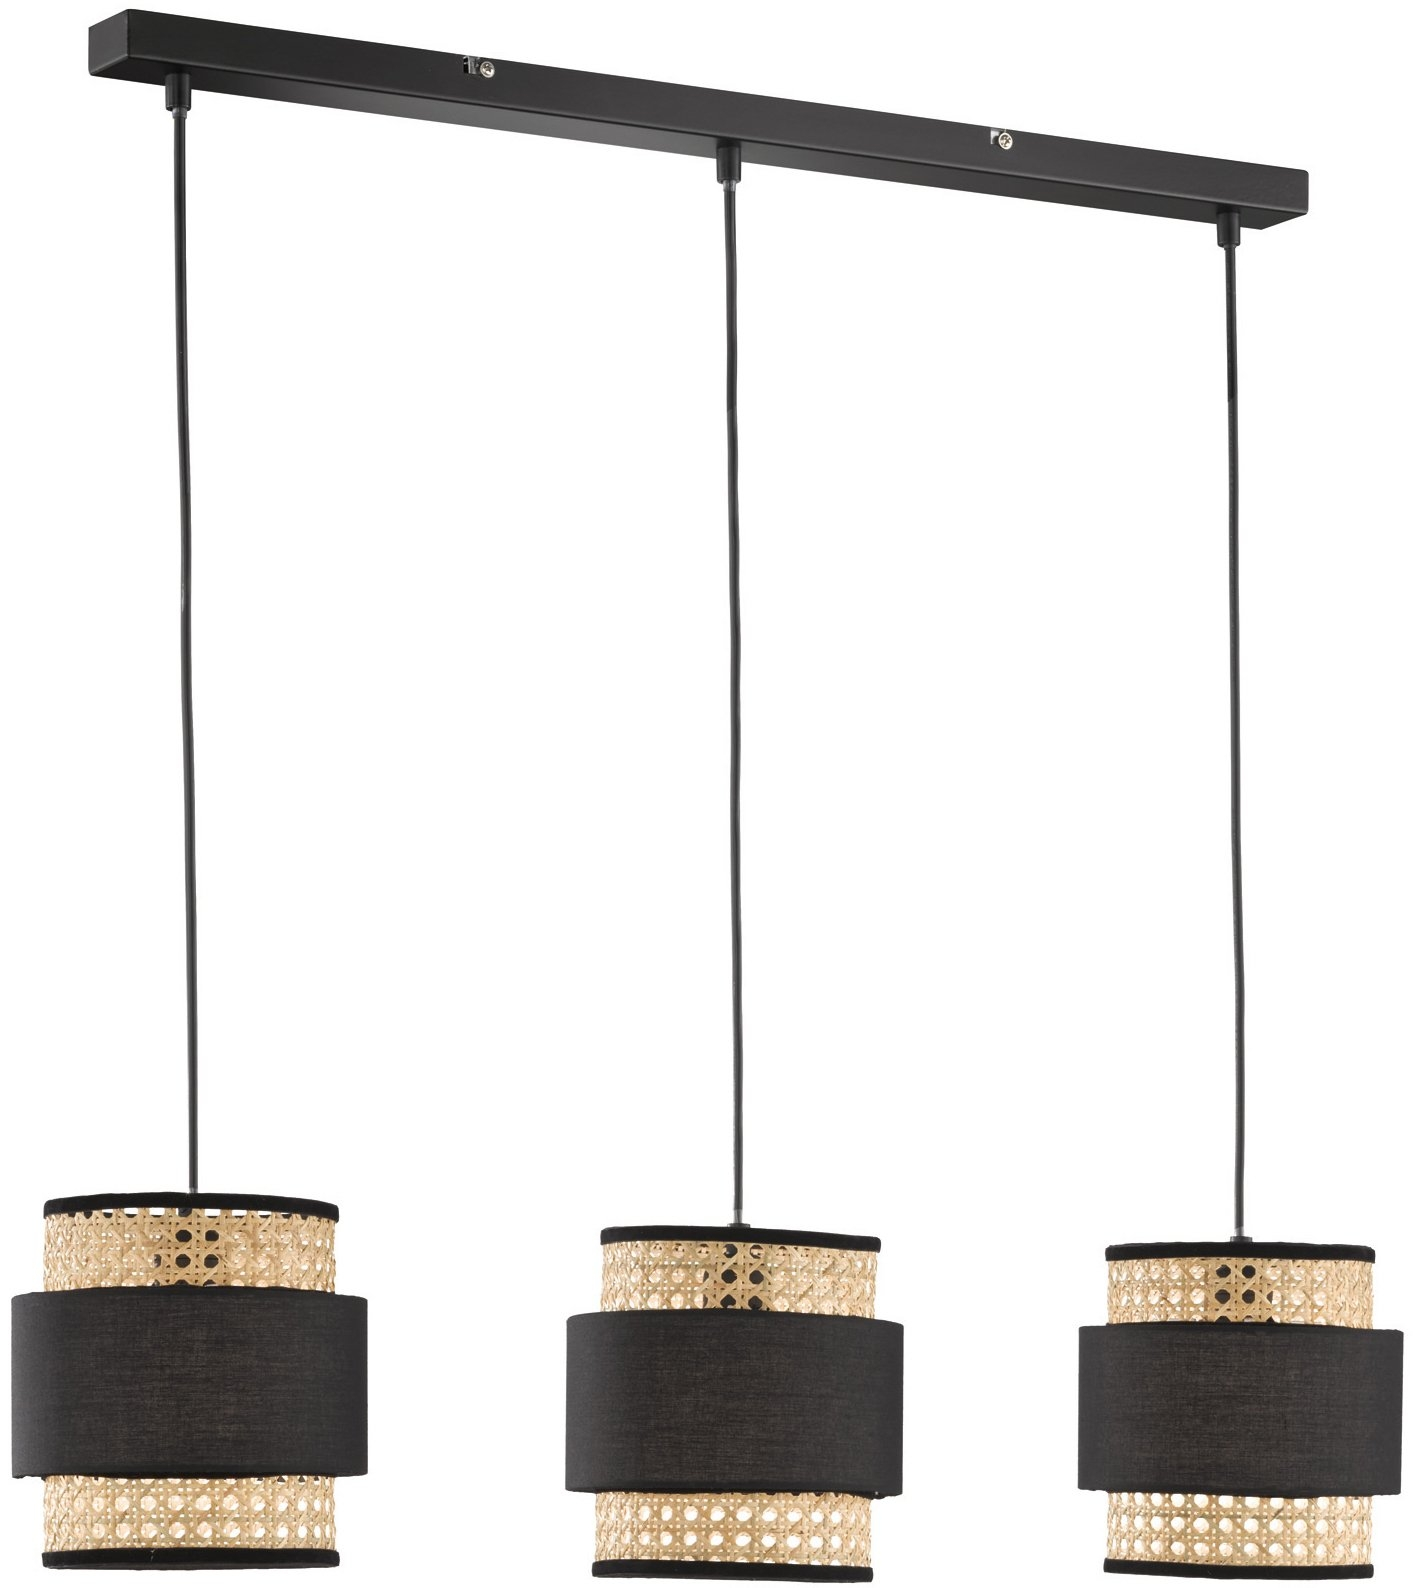 Honsel Leuchten hanglamp Tape in de webshop van OTTO kopen